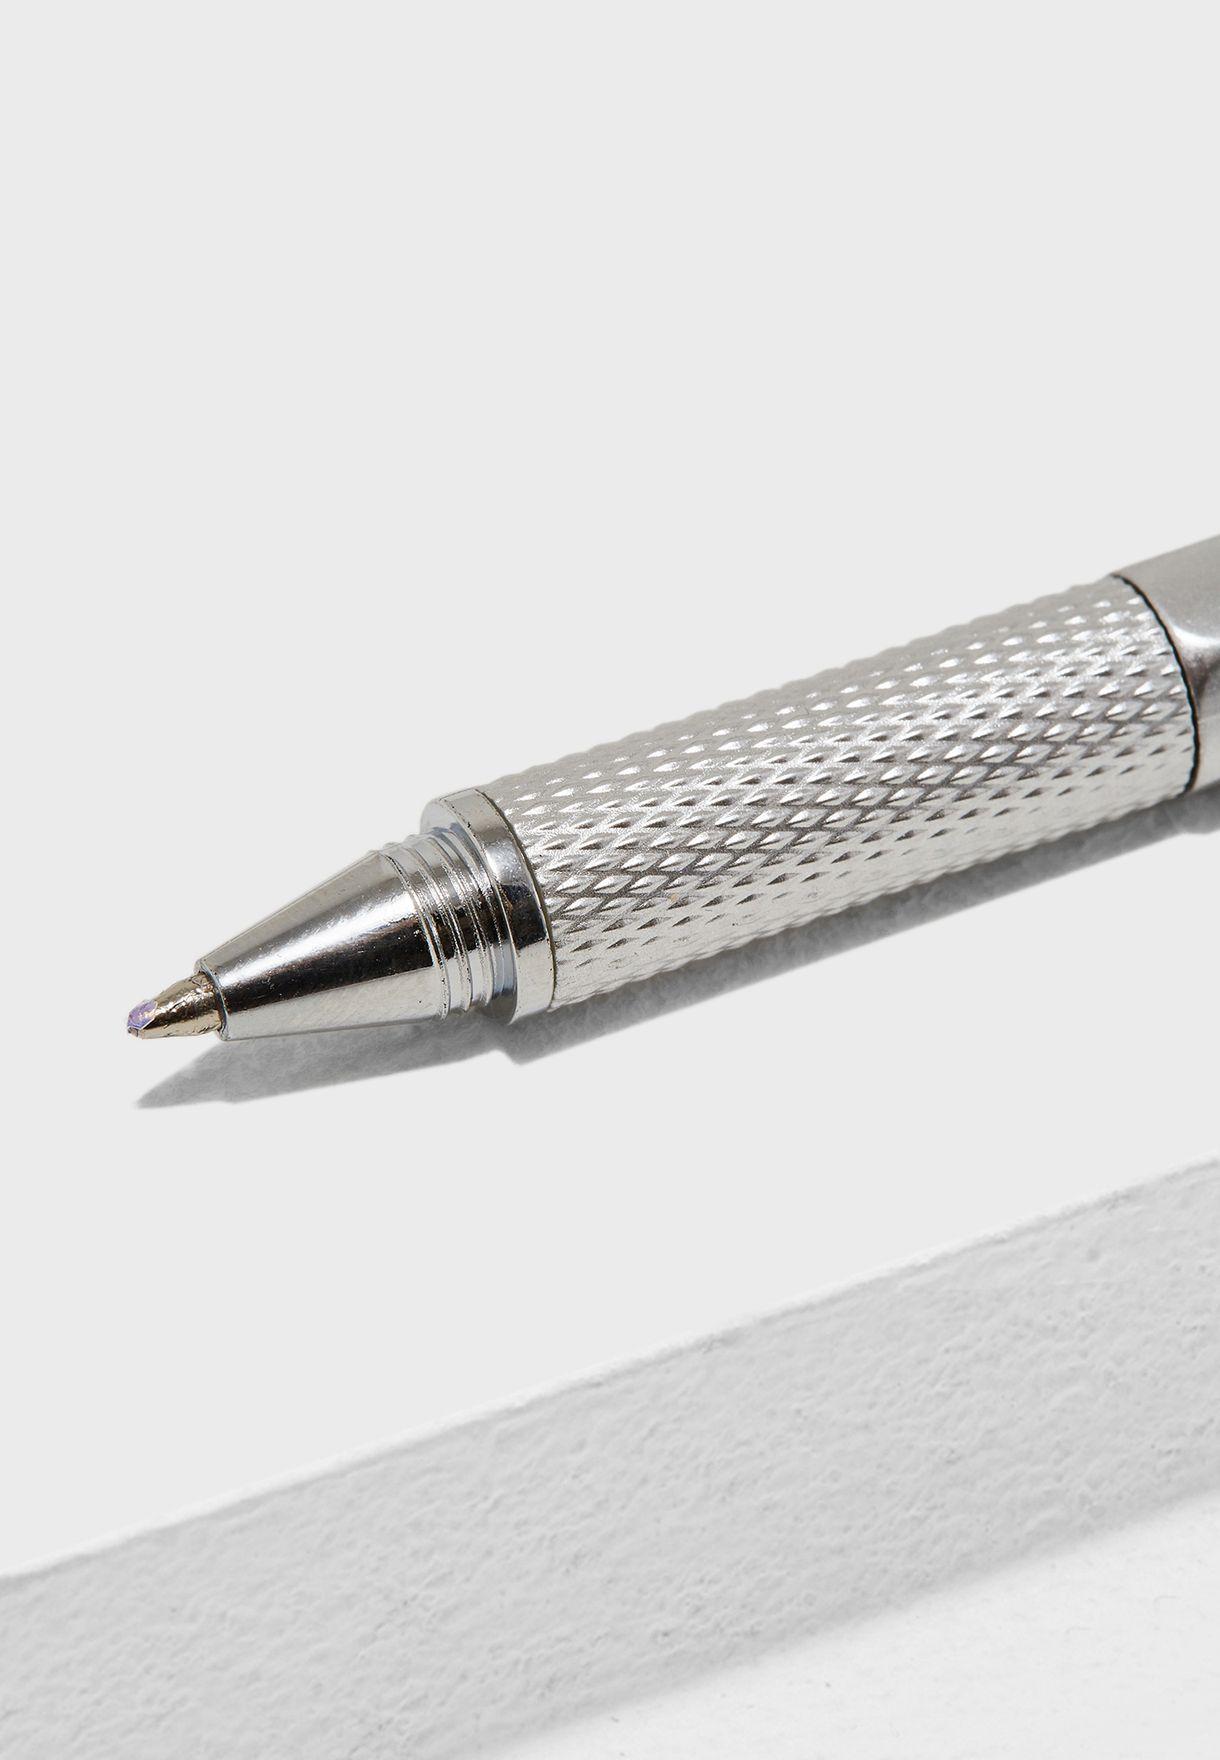 قلم متعدد الاستخدامات